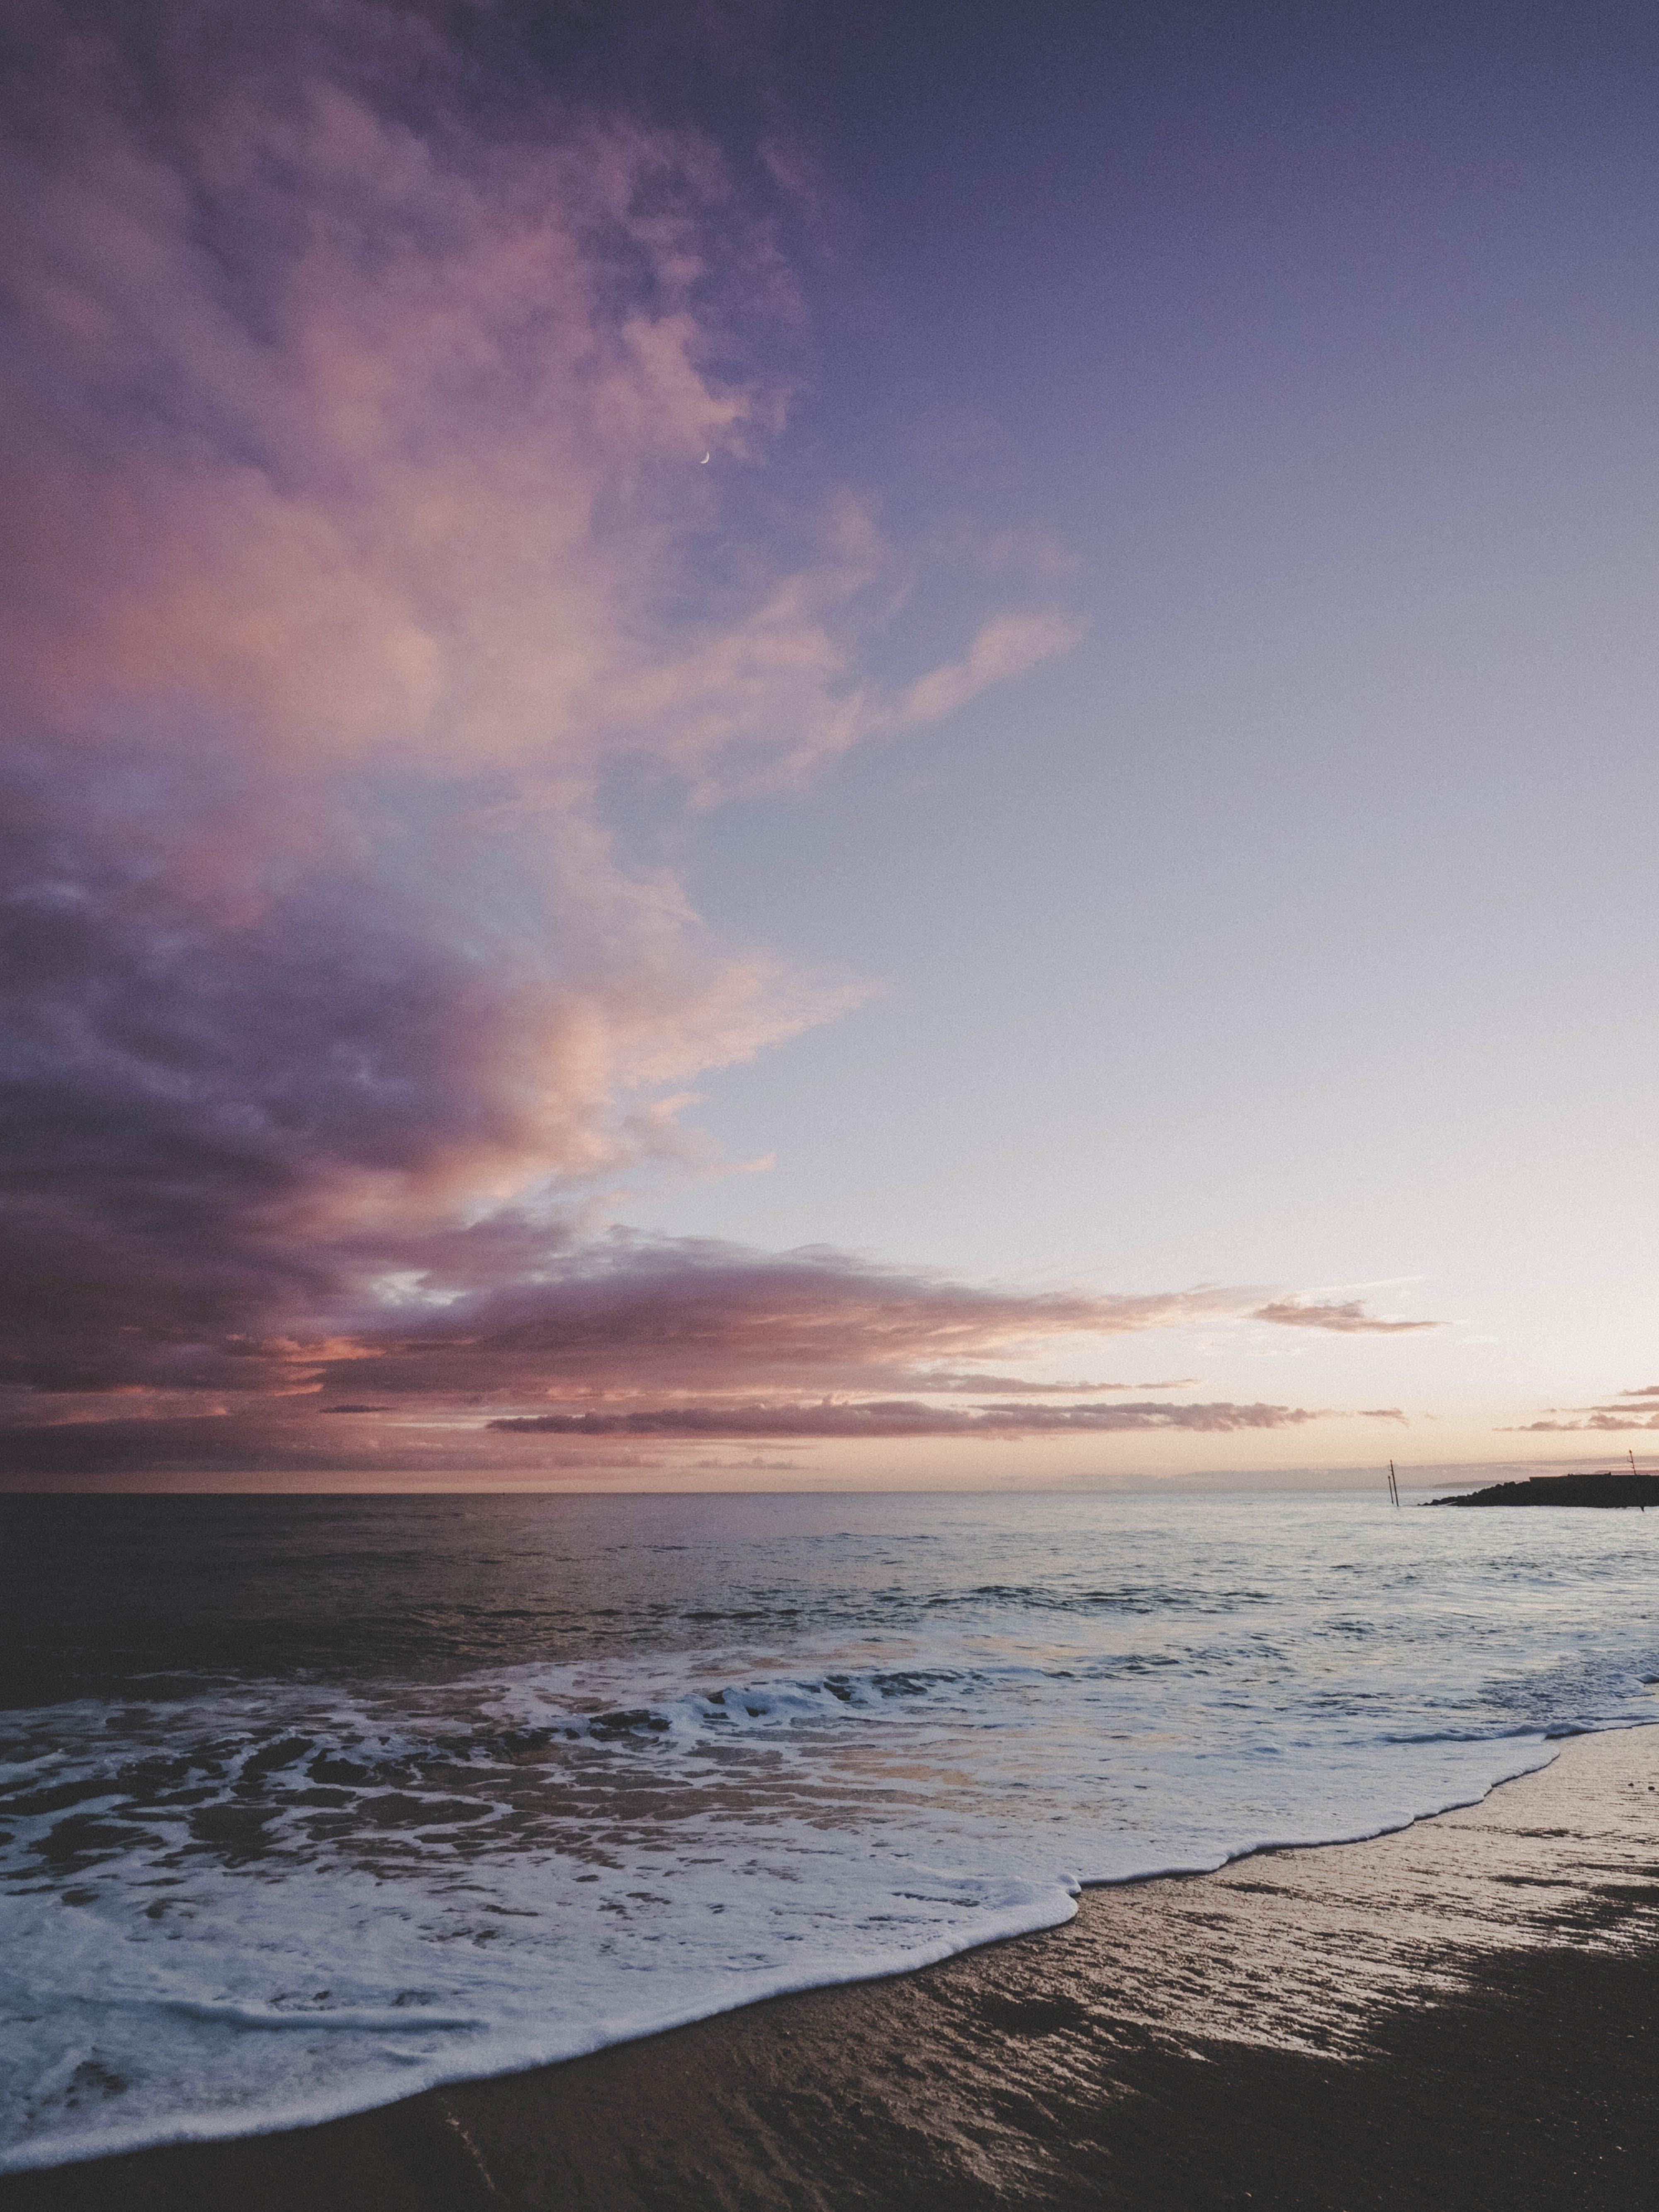 Seawater Taken at Sunset